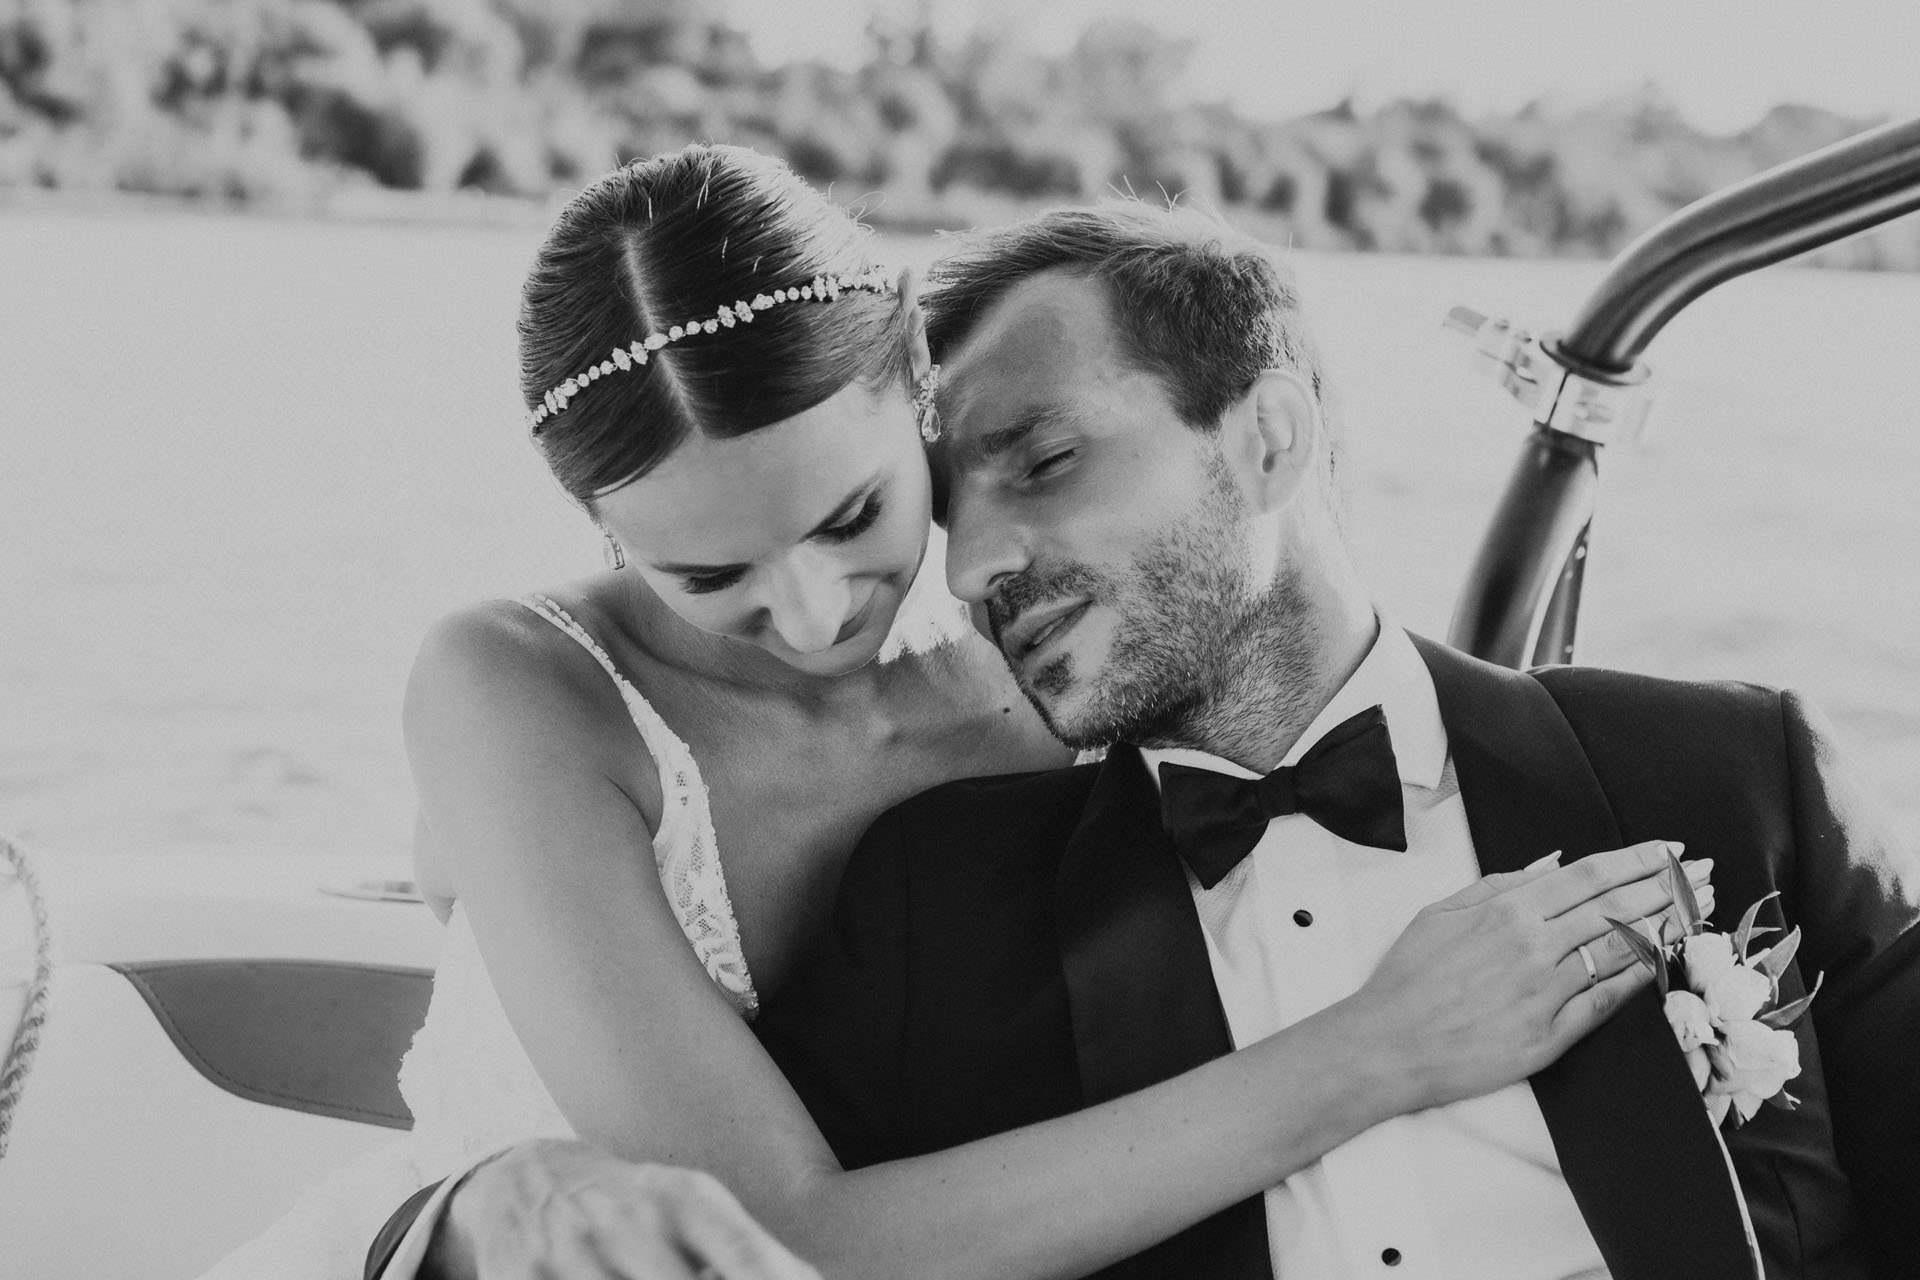 Sesja plenerowa w dniu ślubu to okazja do wyciszenia